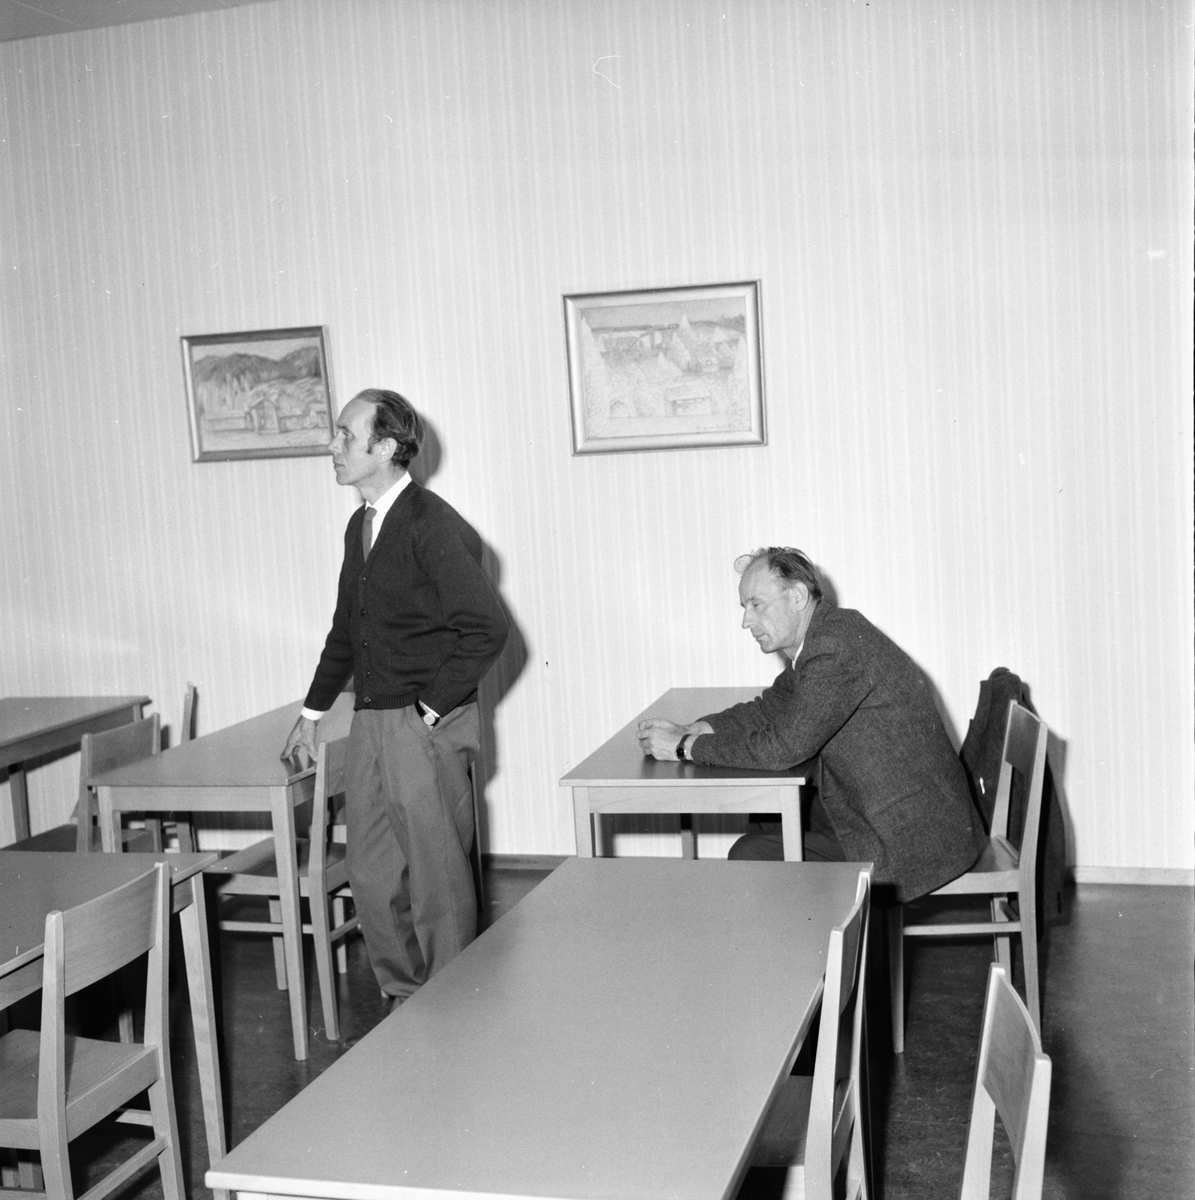 Zigenarna i Bollnäs. 15/9-1964